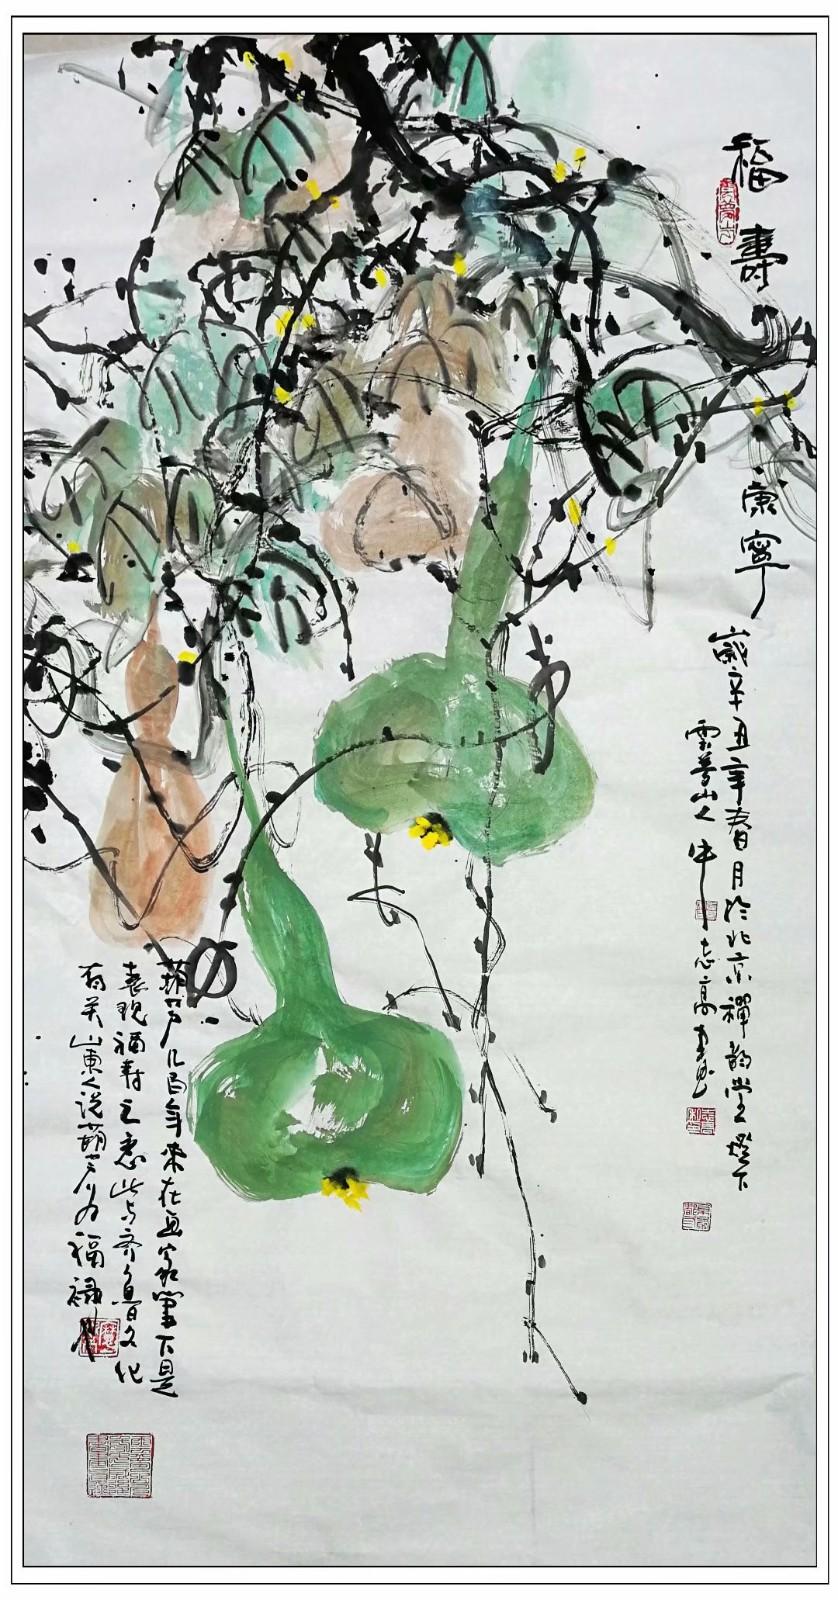 牛志高国画新作品2021.04.29_图1-4